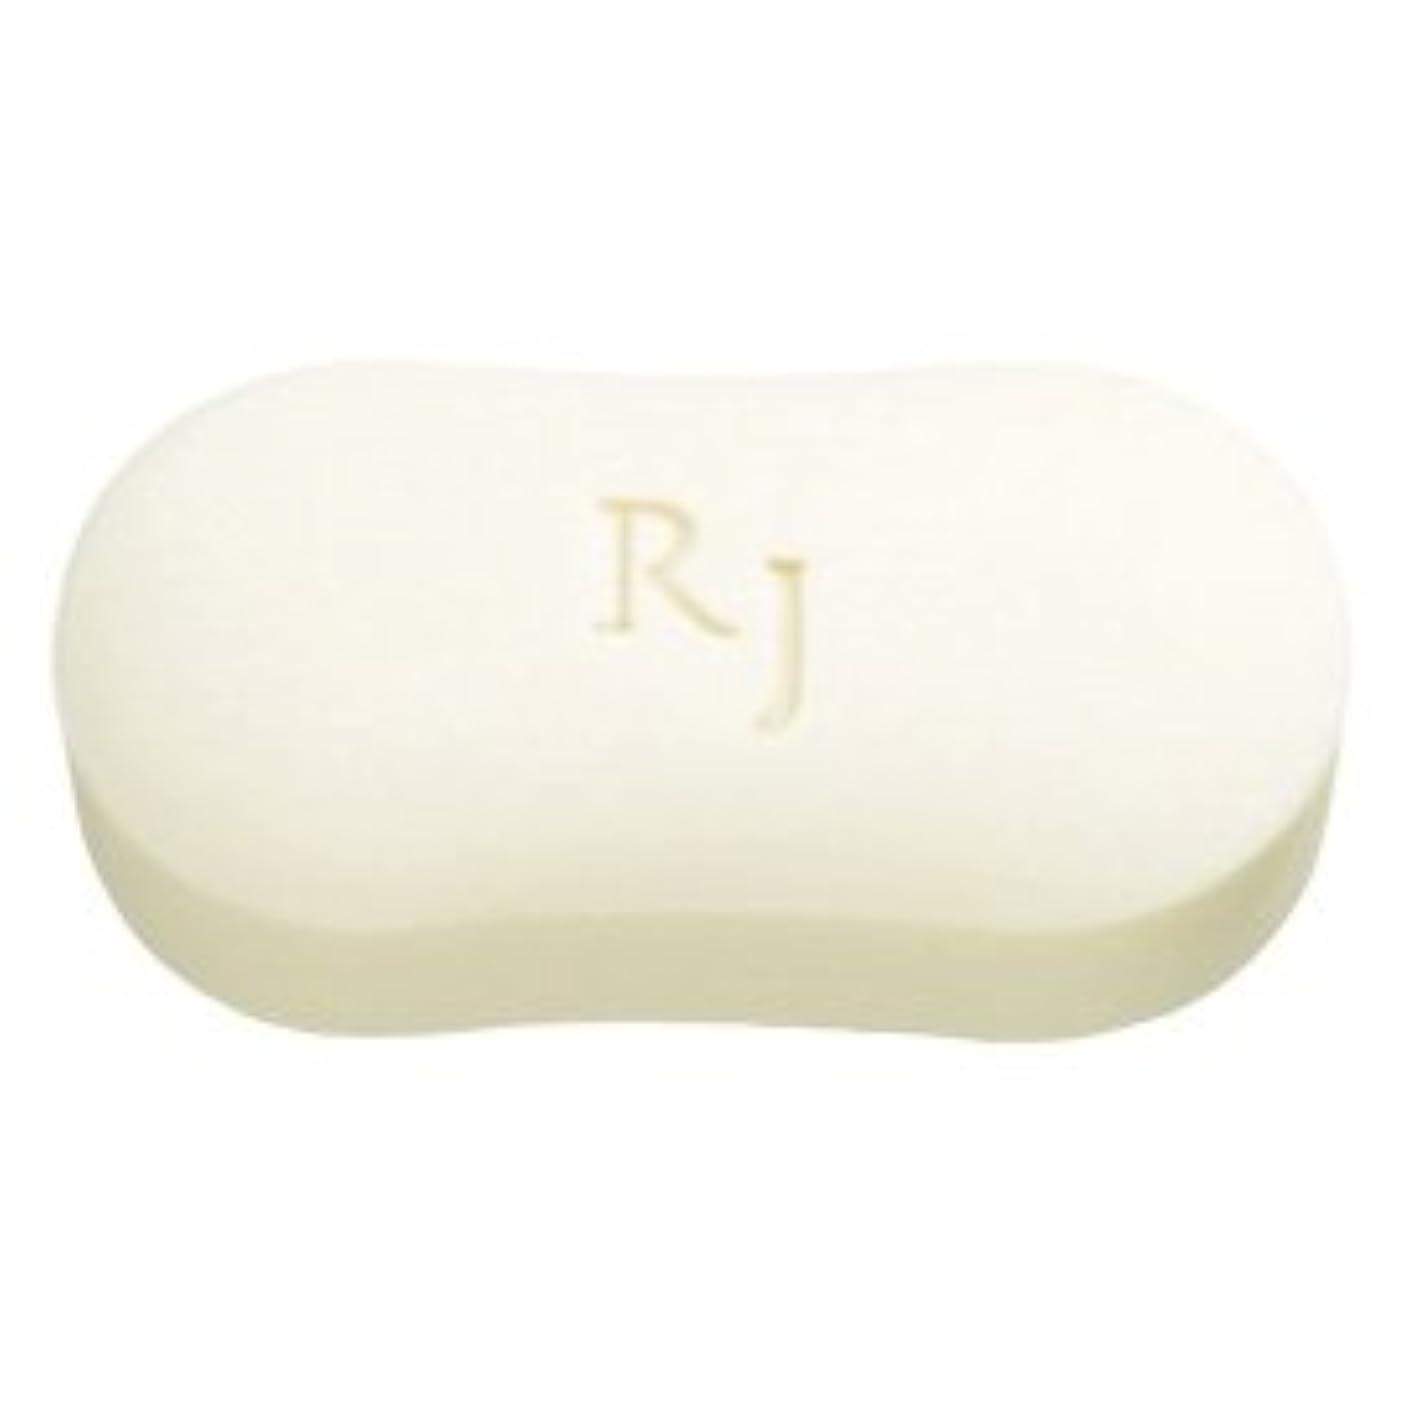 温度敗北フォーカスRJホワイトソープ(洗顔石鹸?ボディソープ) 脂性肌用 120g/Royal Jelly White Soap<120g>